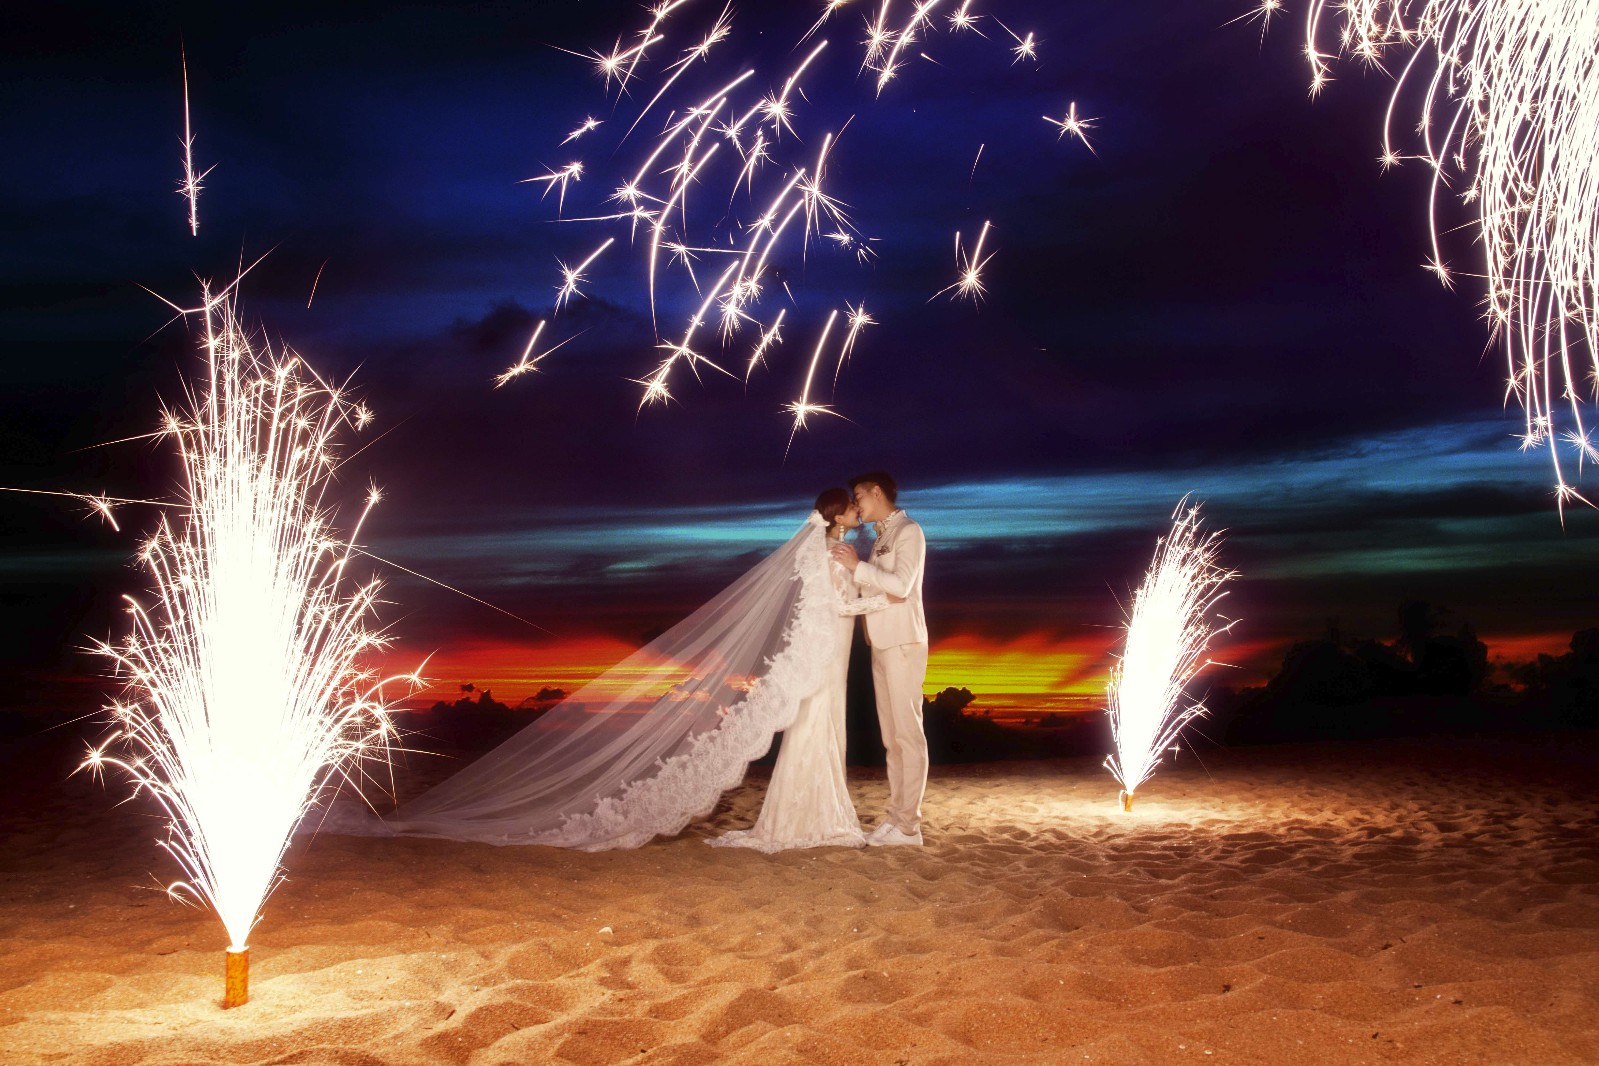 你知道在三亚拍一套婚纱照需要多少钱吗?